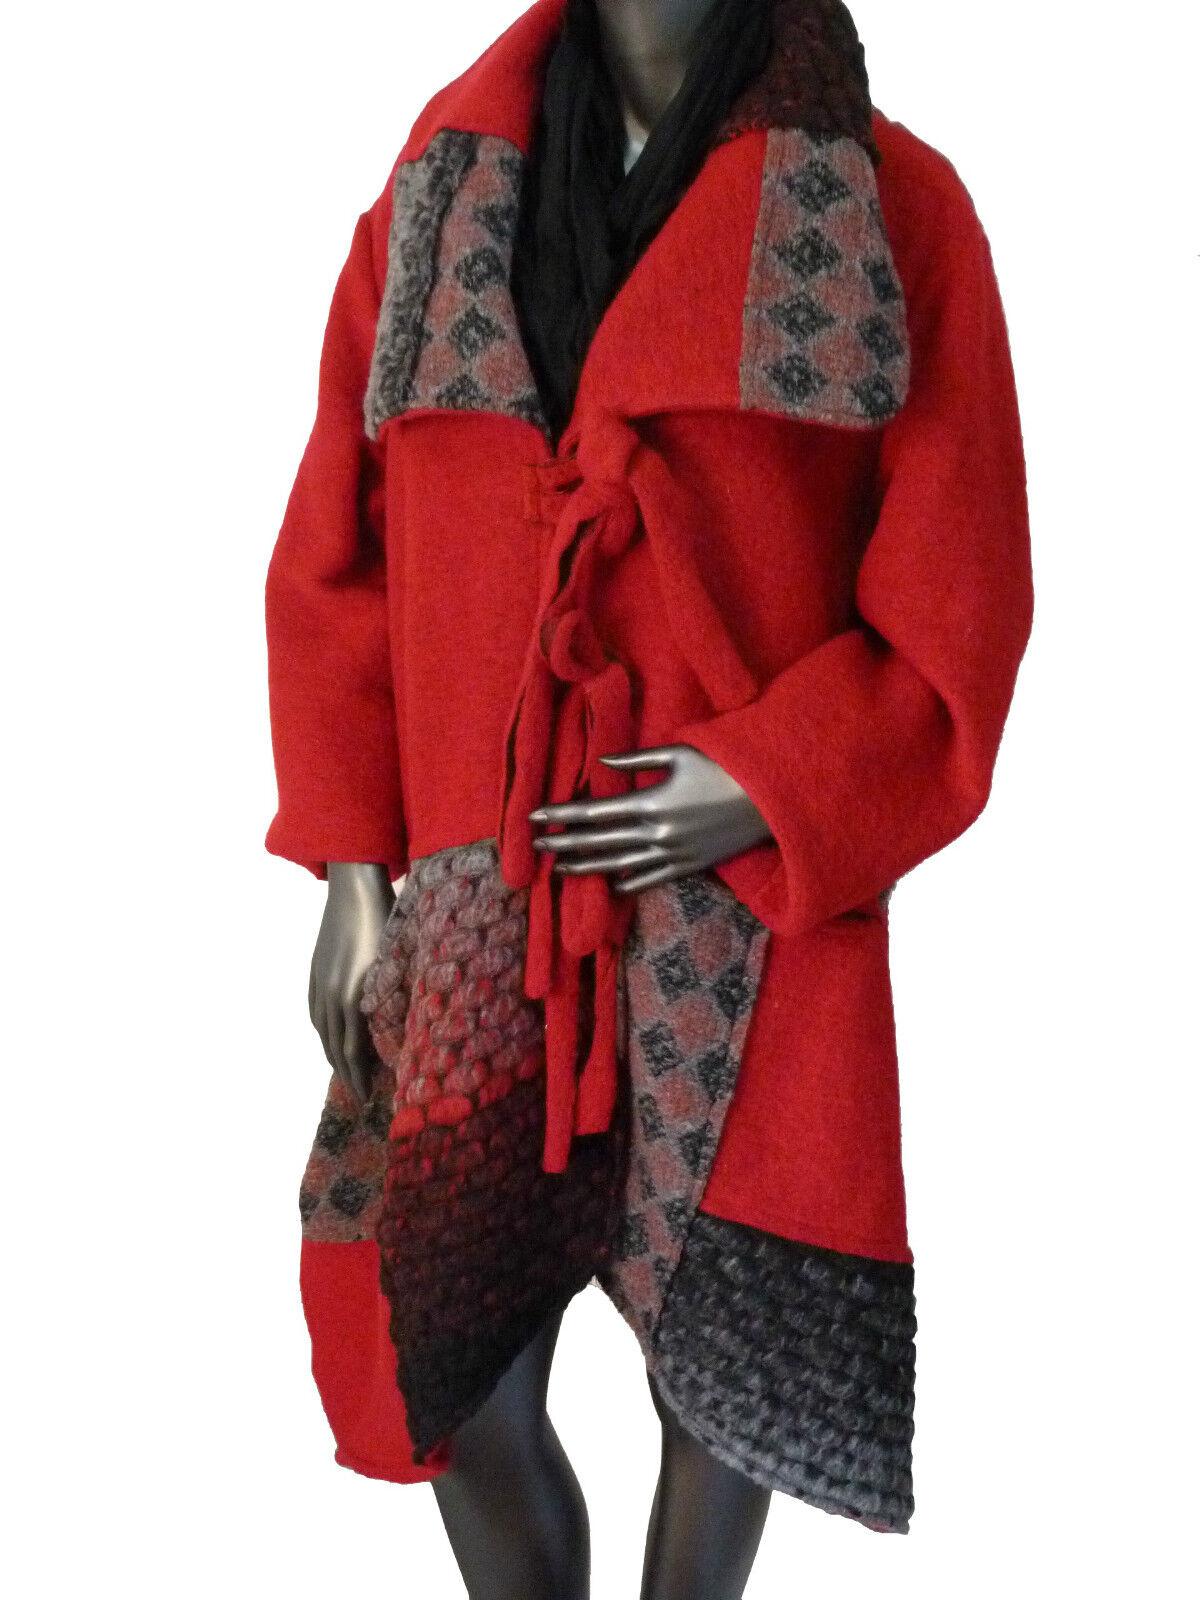 Talla XL abrigo abrigo invernal  remiendos chaqueta chaqueta lana walkwolle rojo Italia  ahorra hasta un 80%